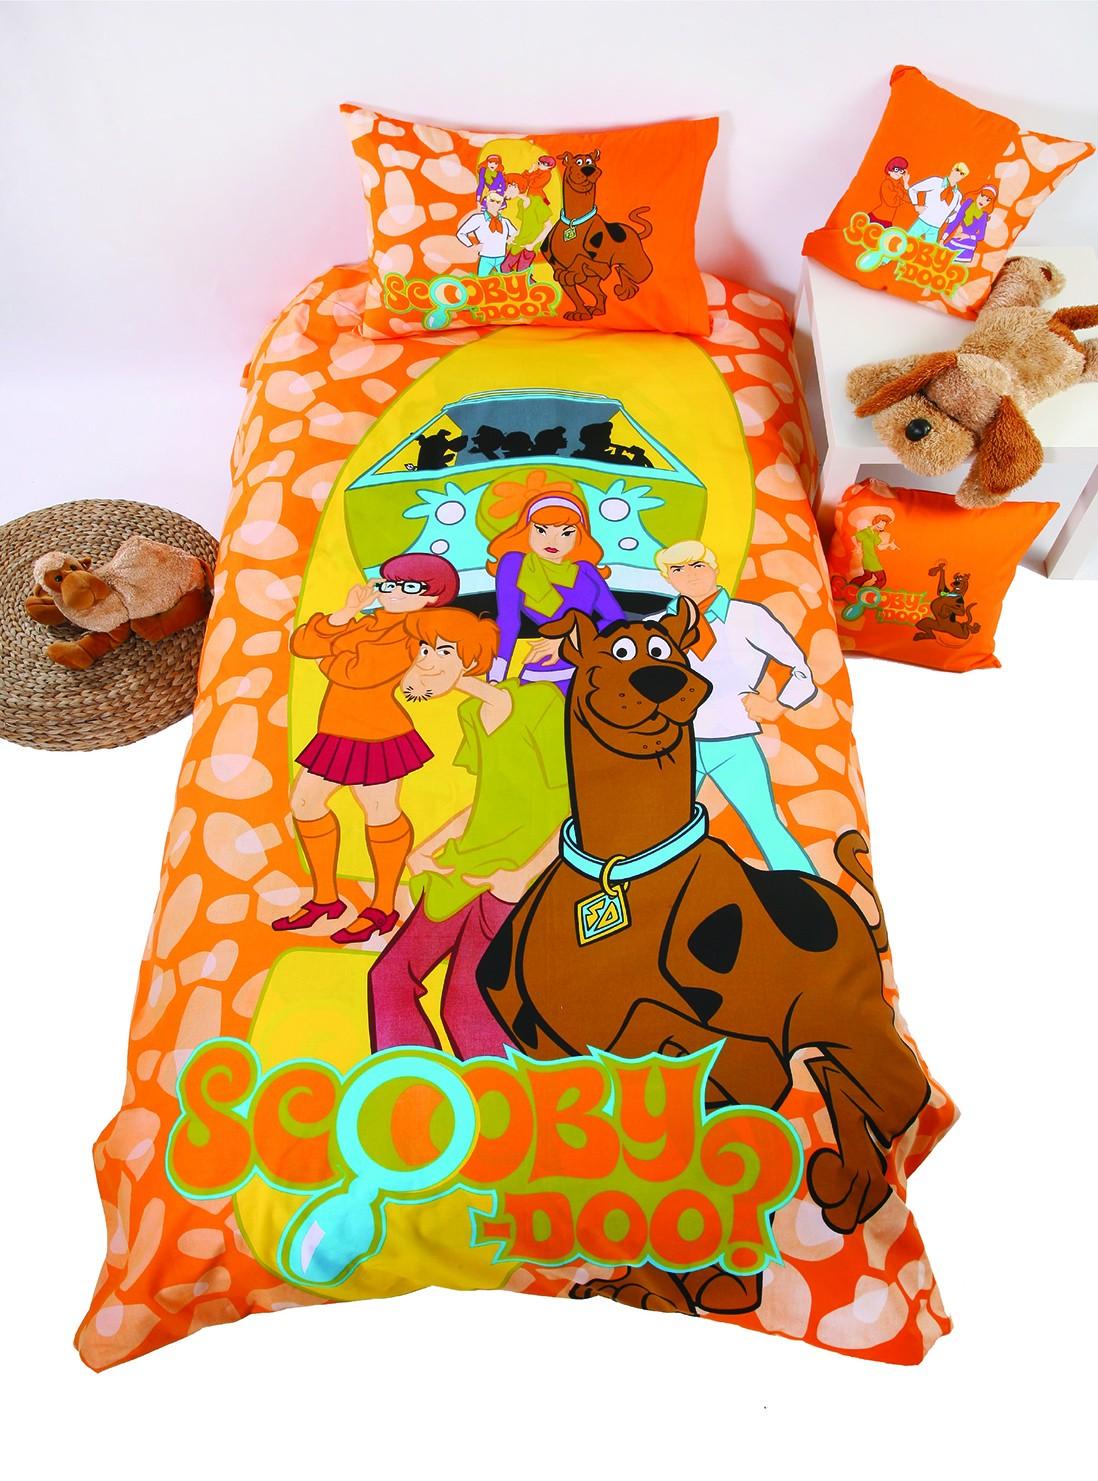 Ζεύγος Μαξιλαροθήκες Viopros Scooby-Doo 10 Collection 37589